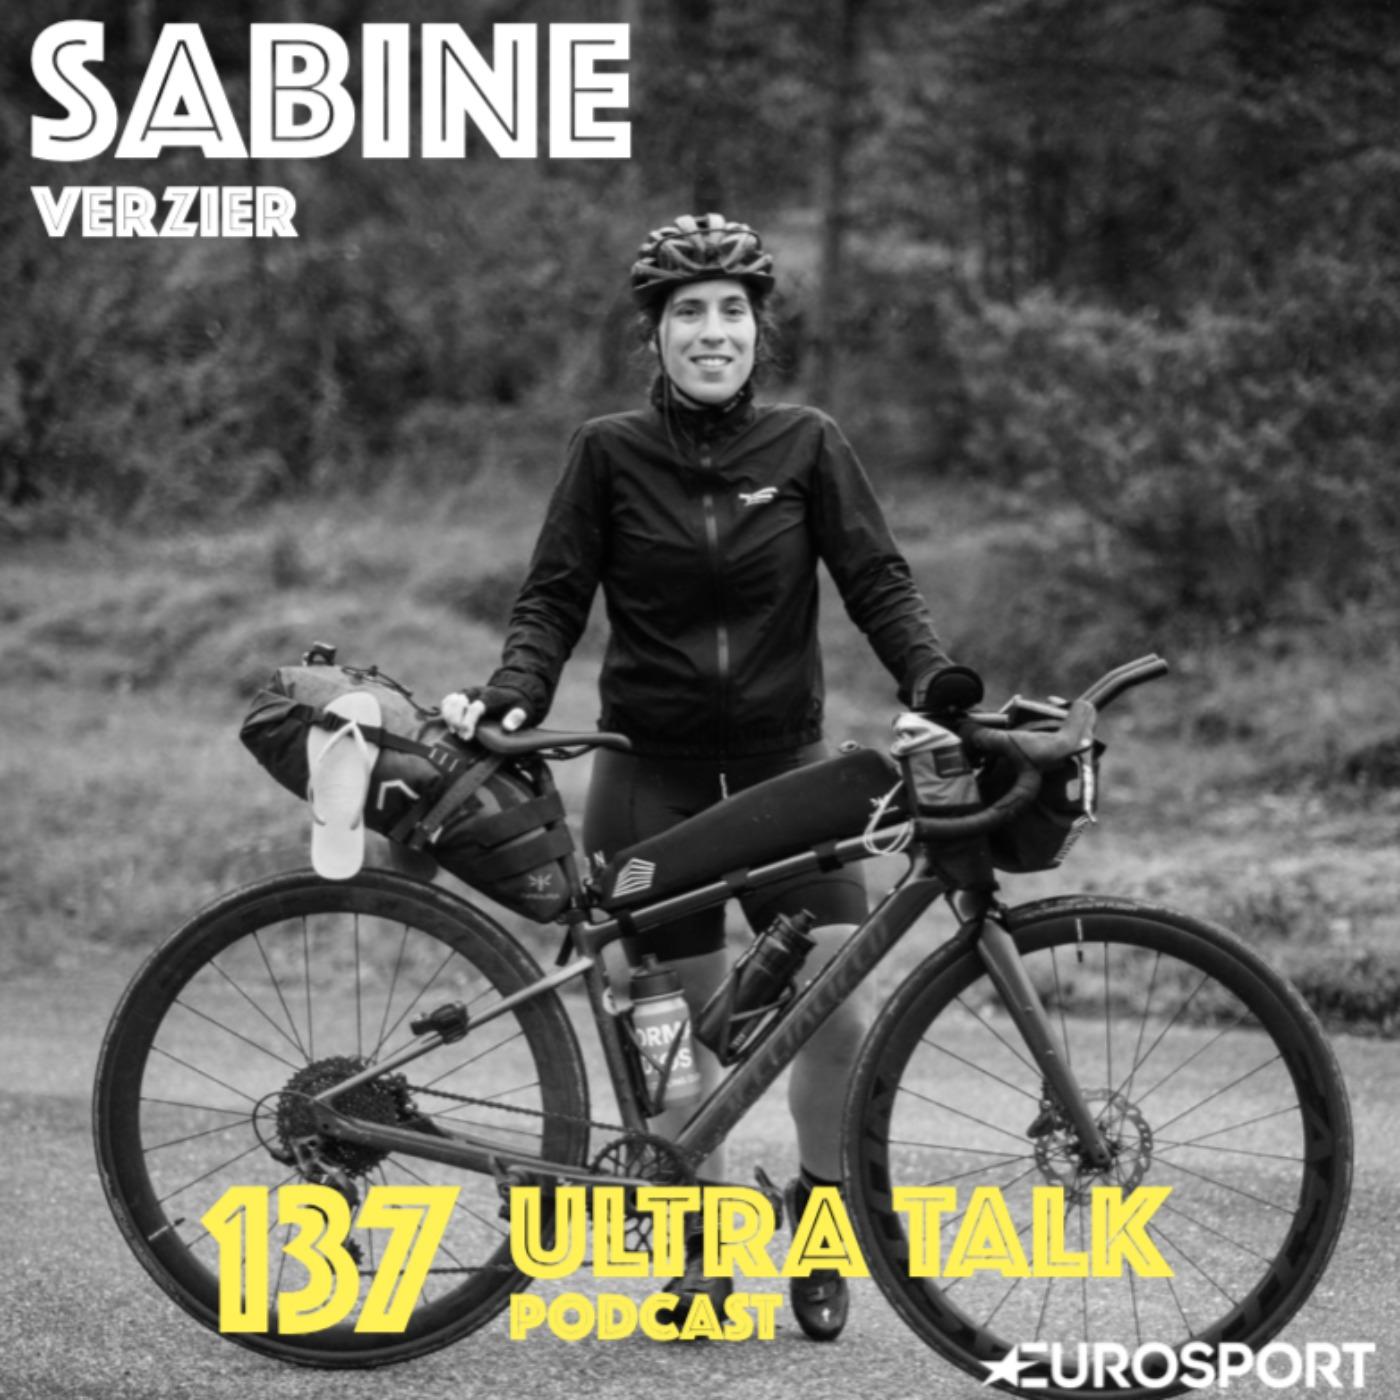 """Sabine Verzier : """"Rouler la nuit à vélo, j'y trouve une forme d'apaisement"""""""